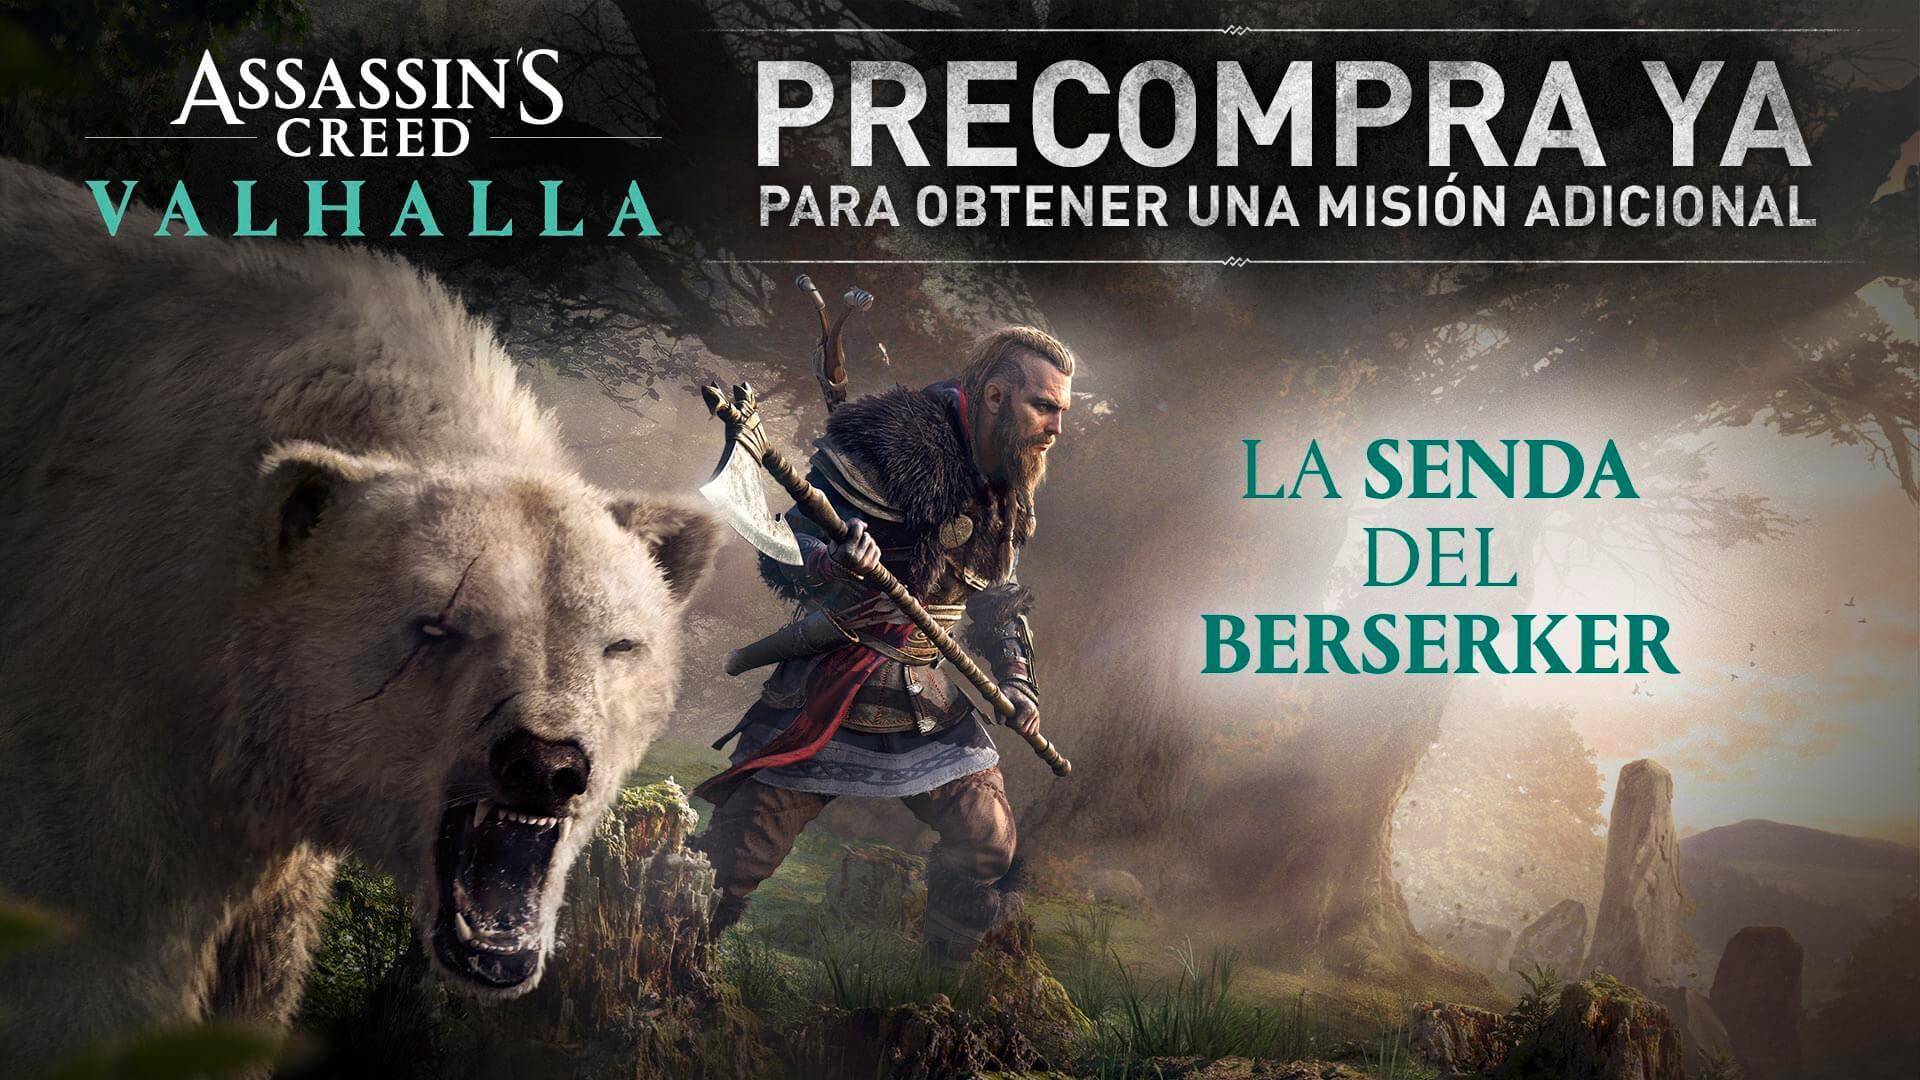 La Senda del Berserker en Assassin's Creed Valhalla imagen